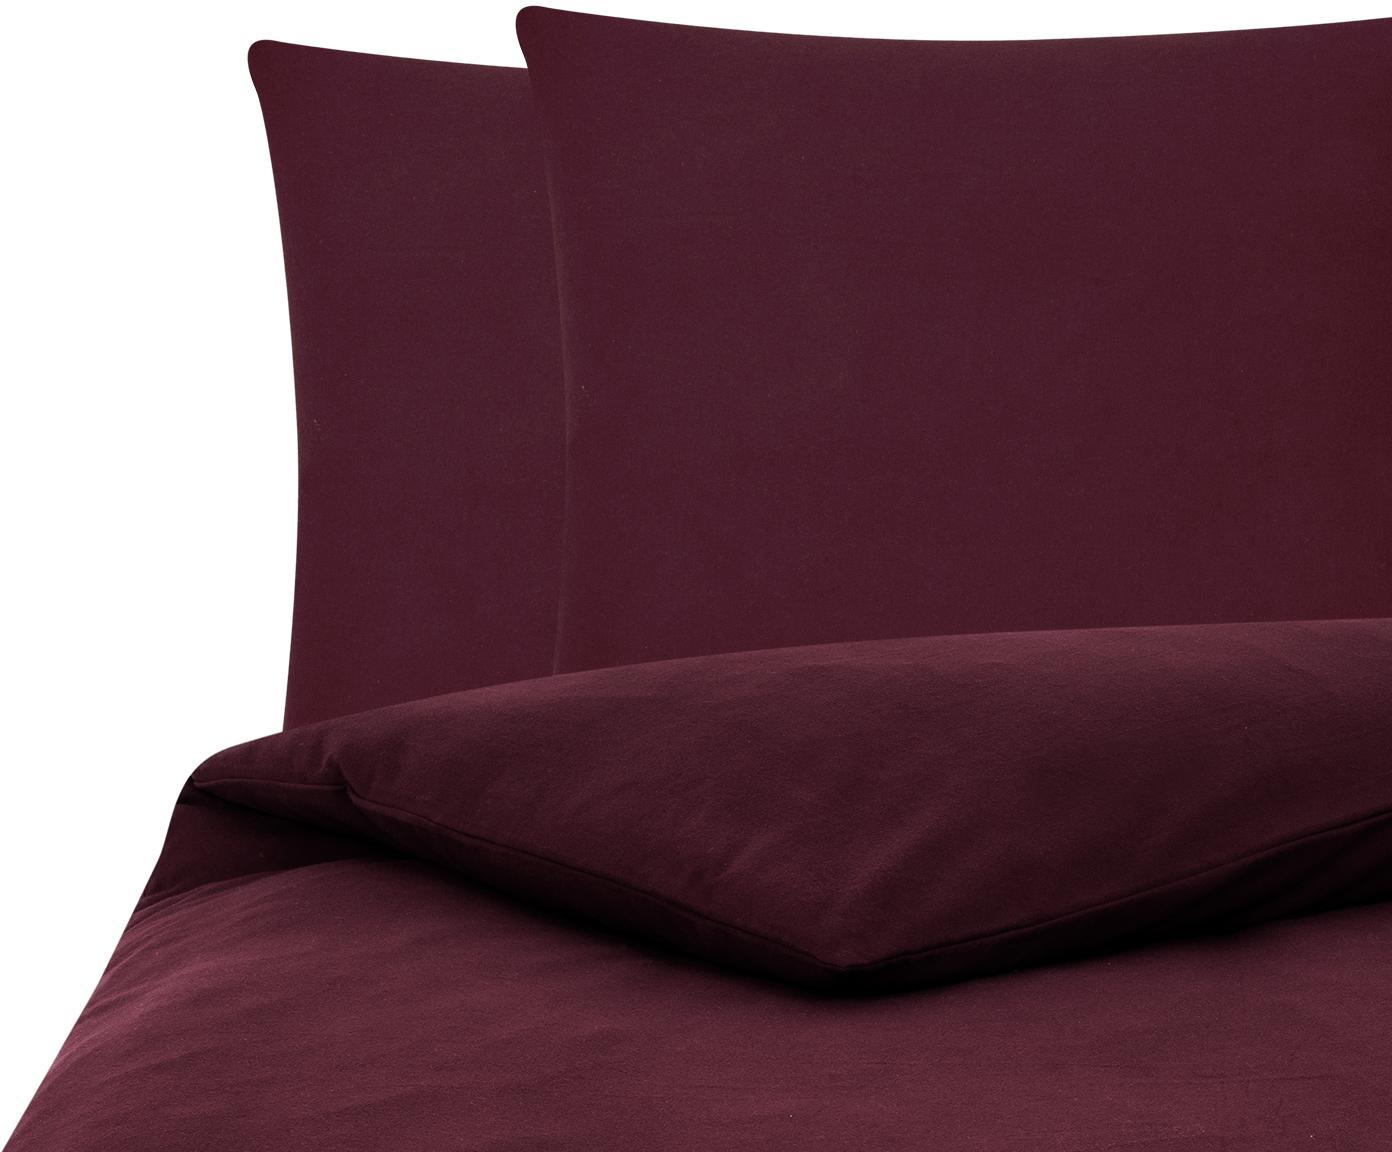 Flanell-Bettwäsche Biba in Dunkelrot, Webart: Flanell Flanell ist ein s, Dunkelrot, 200 x 200 cm + 2 Kissen 80 x 80 cm